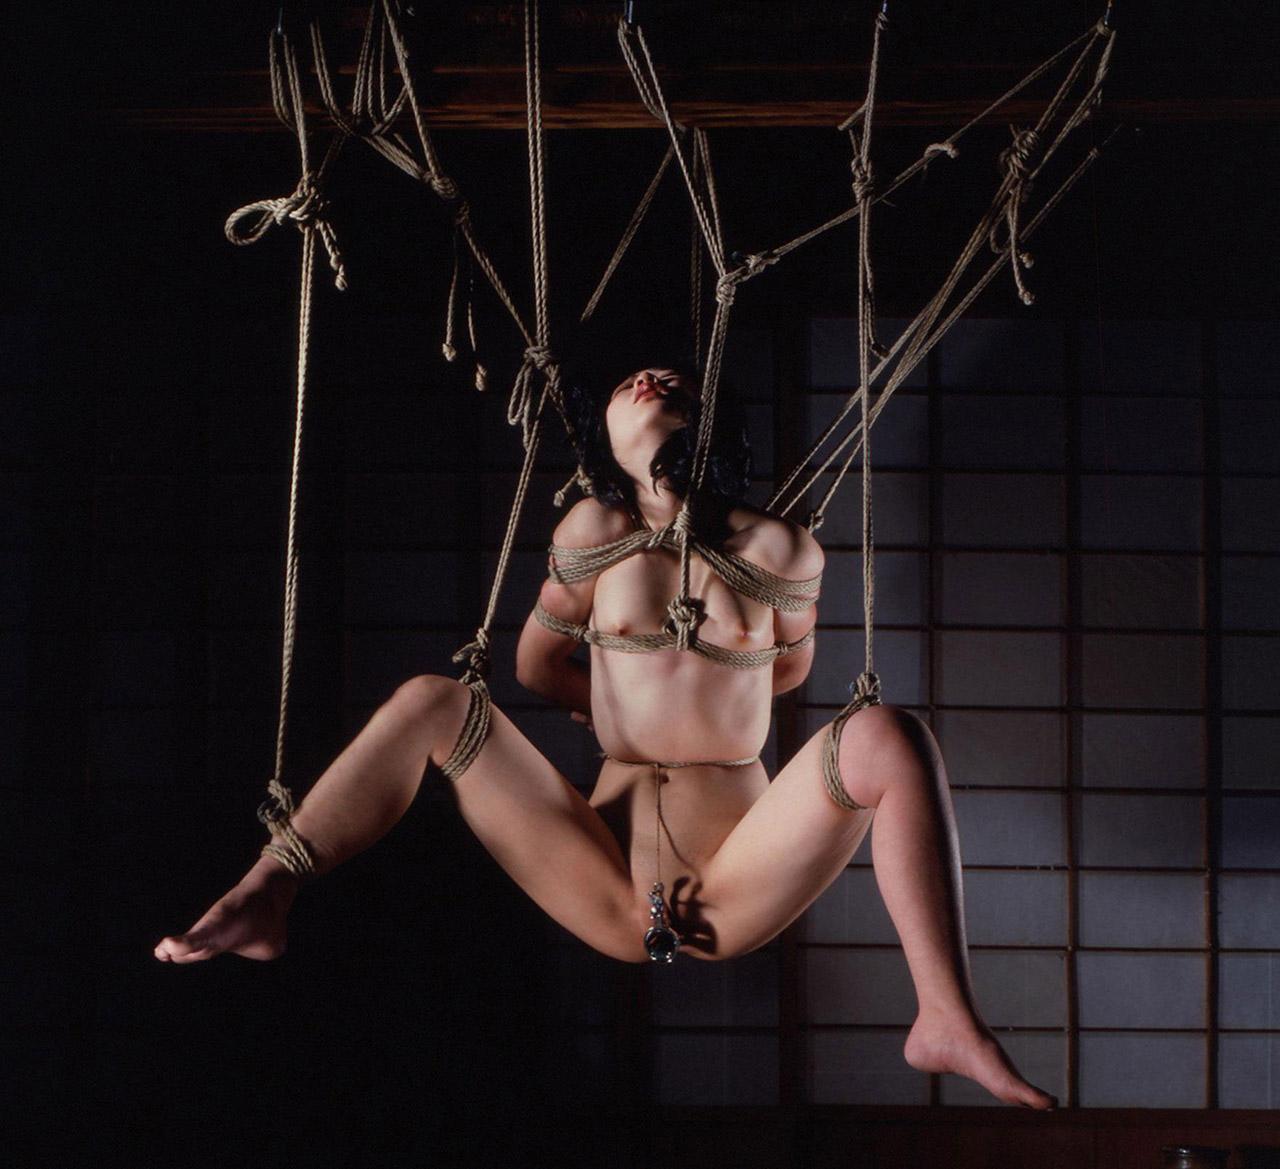 【おっぱい】ガッツリ緊縛されている女性の抵抗できない儚いおっぱい!【62枚】 20